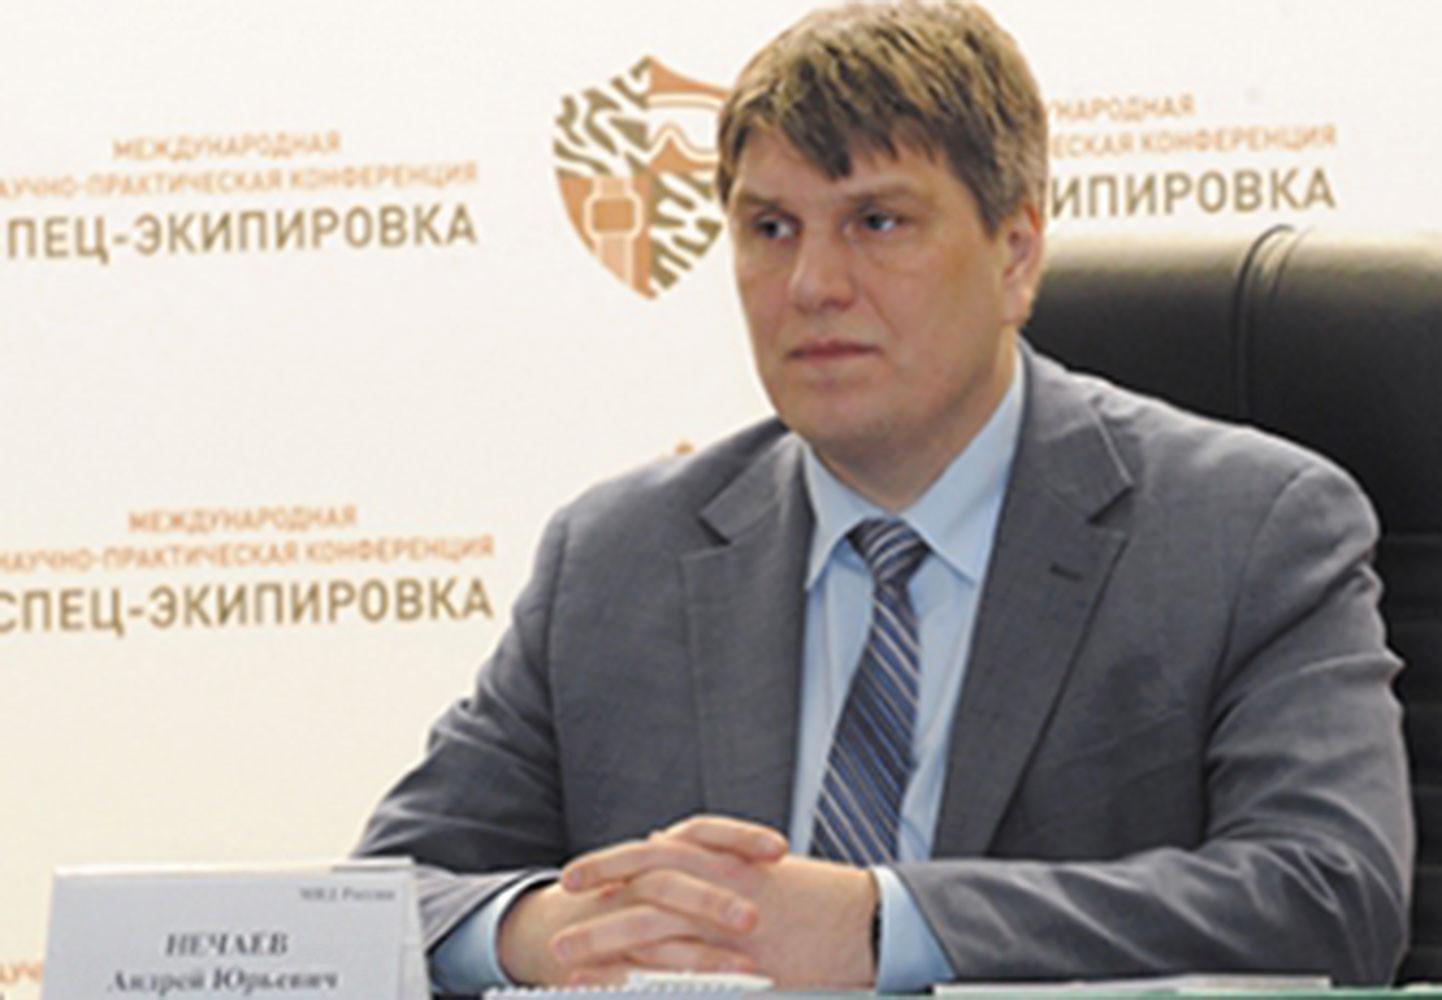 суд арестовал главного конструктора МВД России Андрея Нечаева»